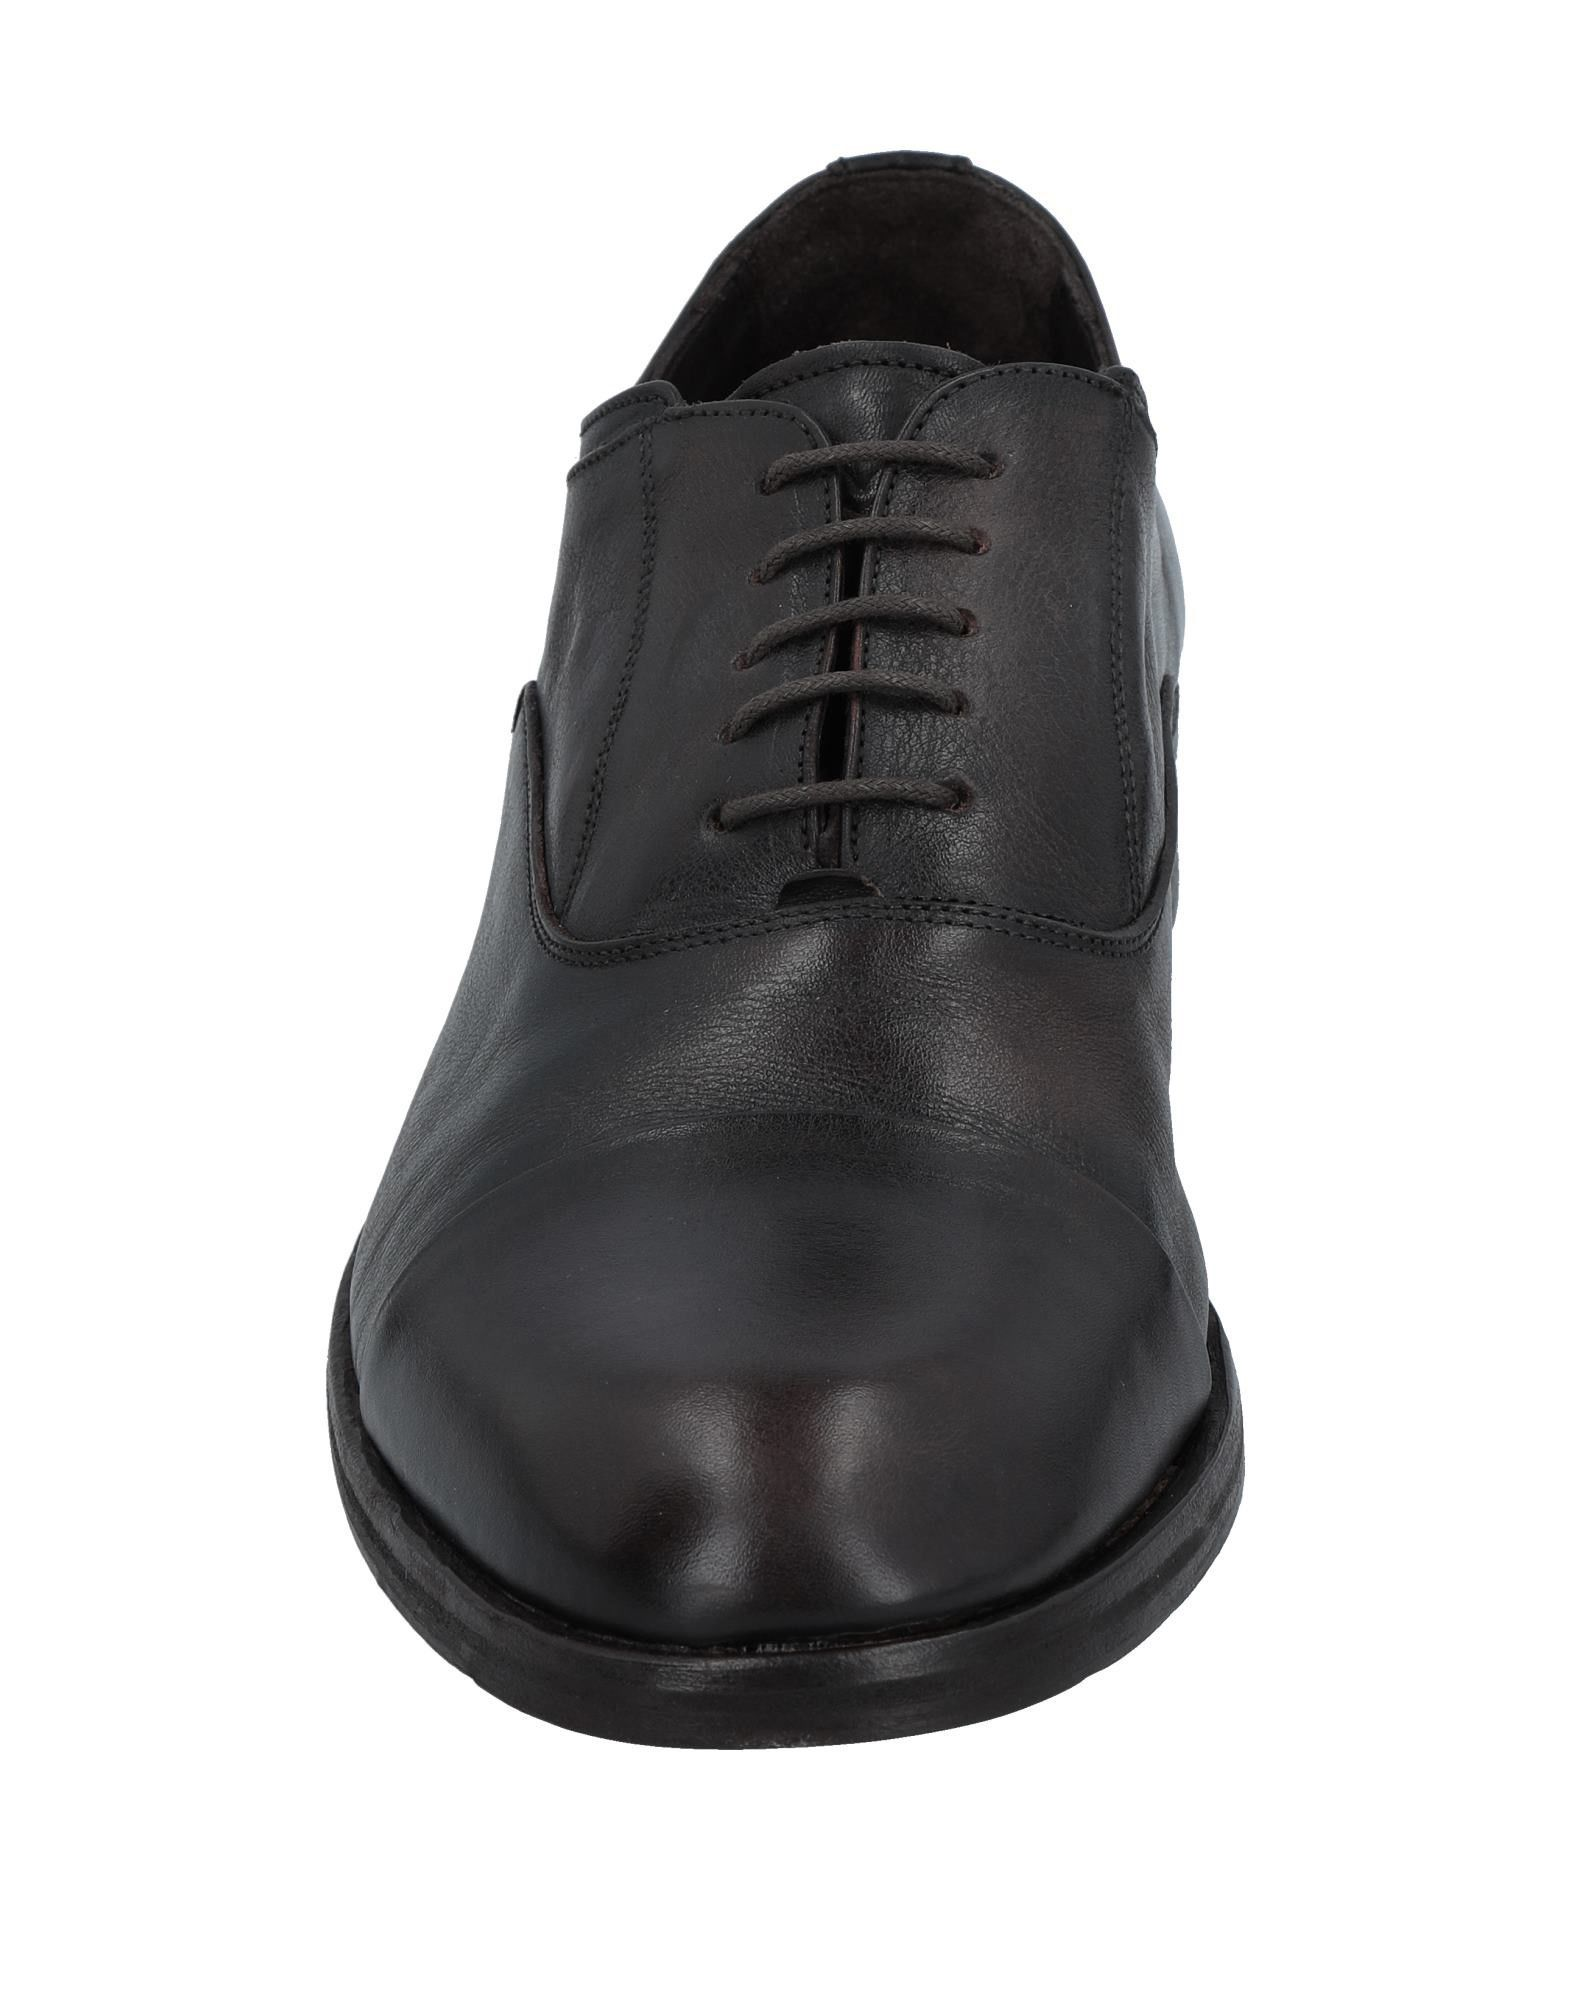 Brawn's Schnürschuhe Qualität Herren  11527259SW Gute Qualität Schnürschuhe beliebte Schuhe 826b6d